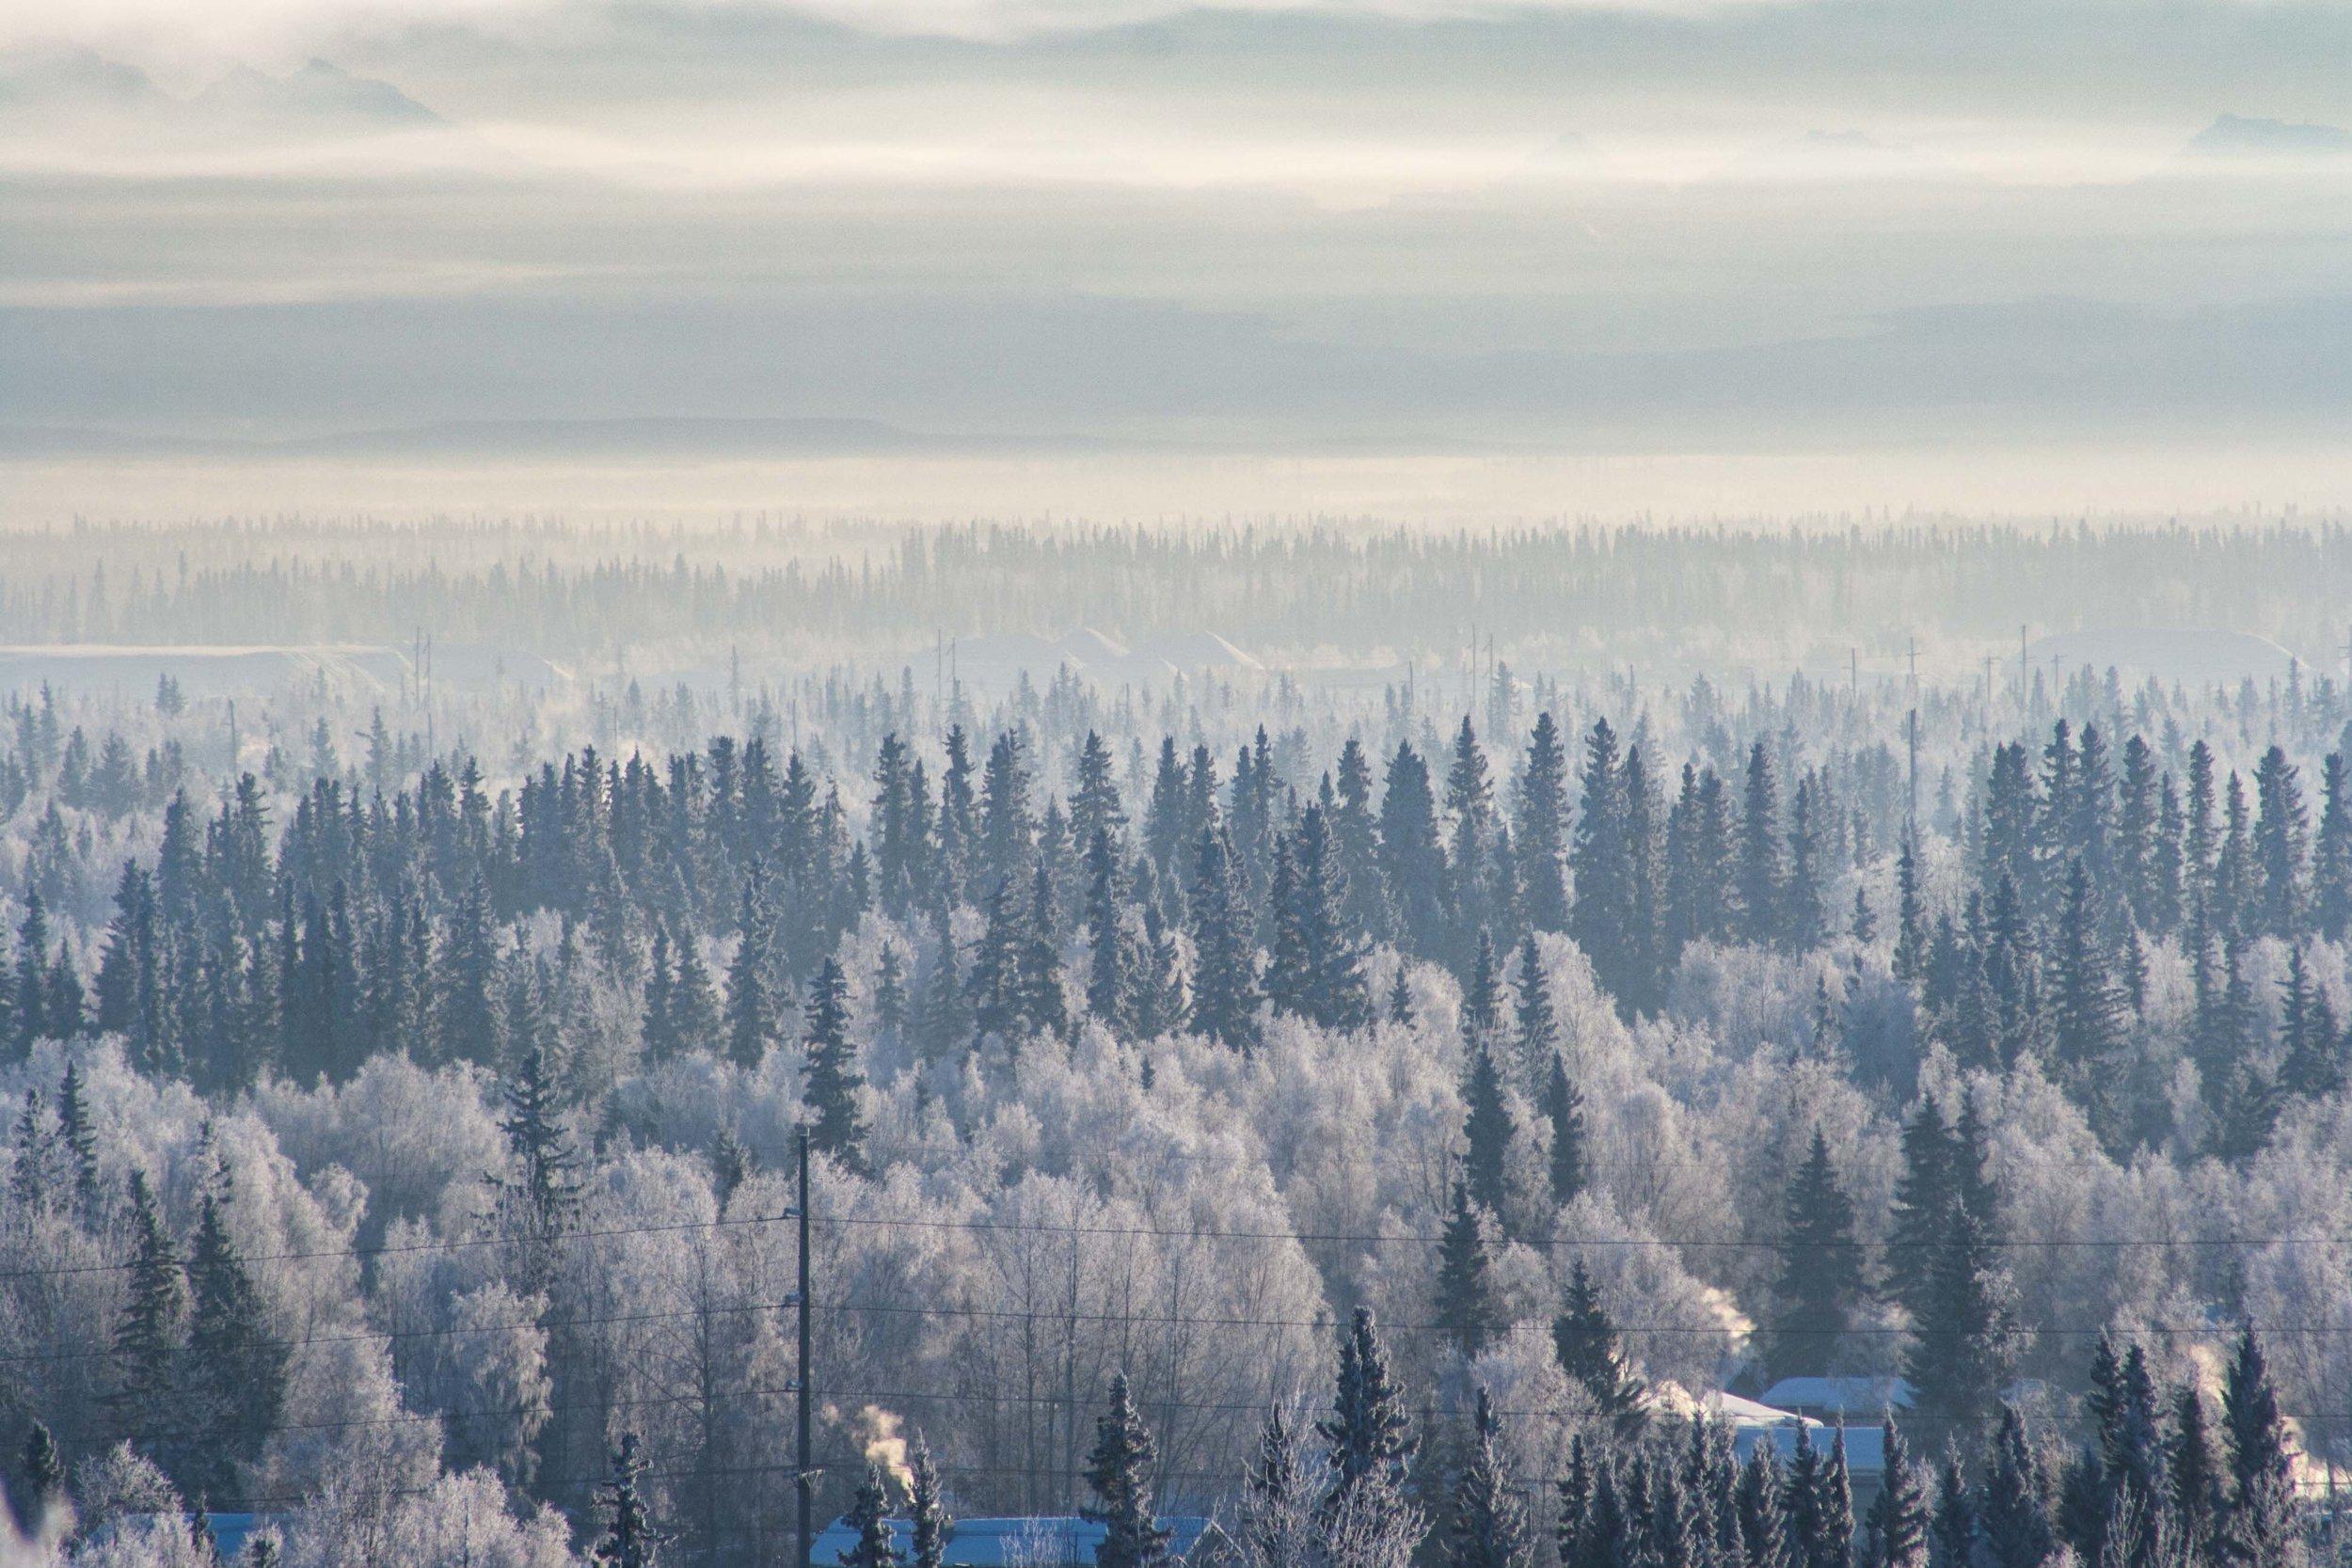 Fairbanks, Alaska. January 2013